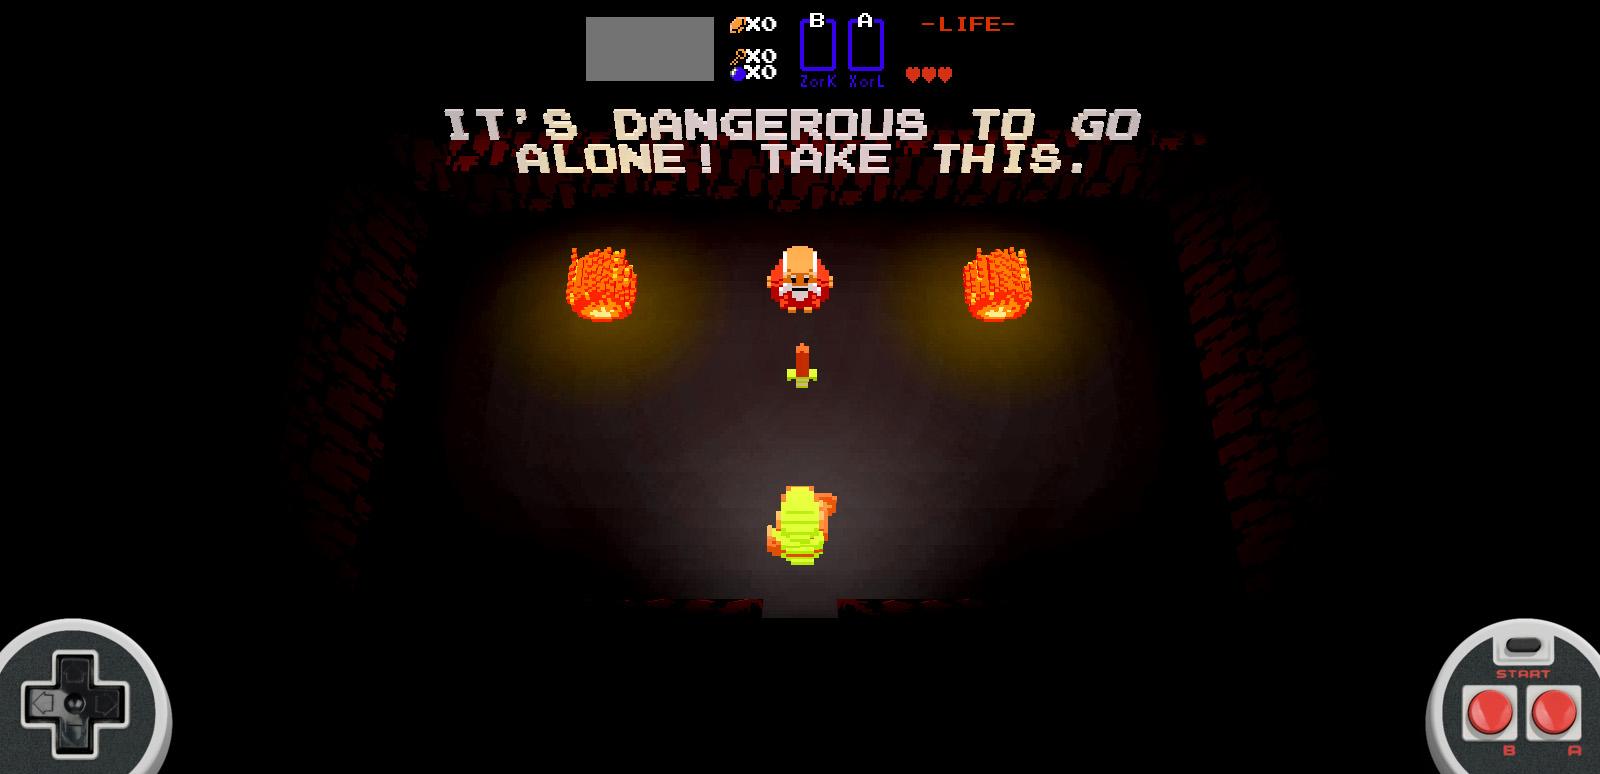 Zelda 30 anniversary 3D 1